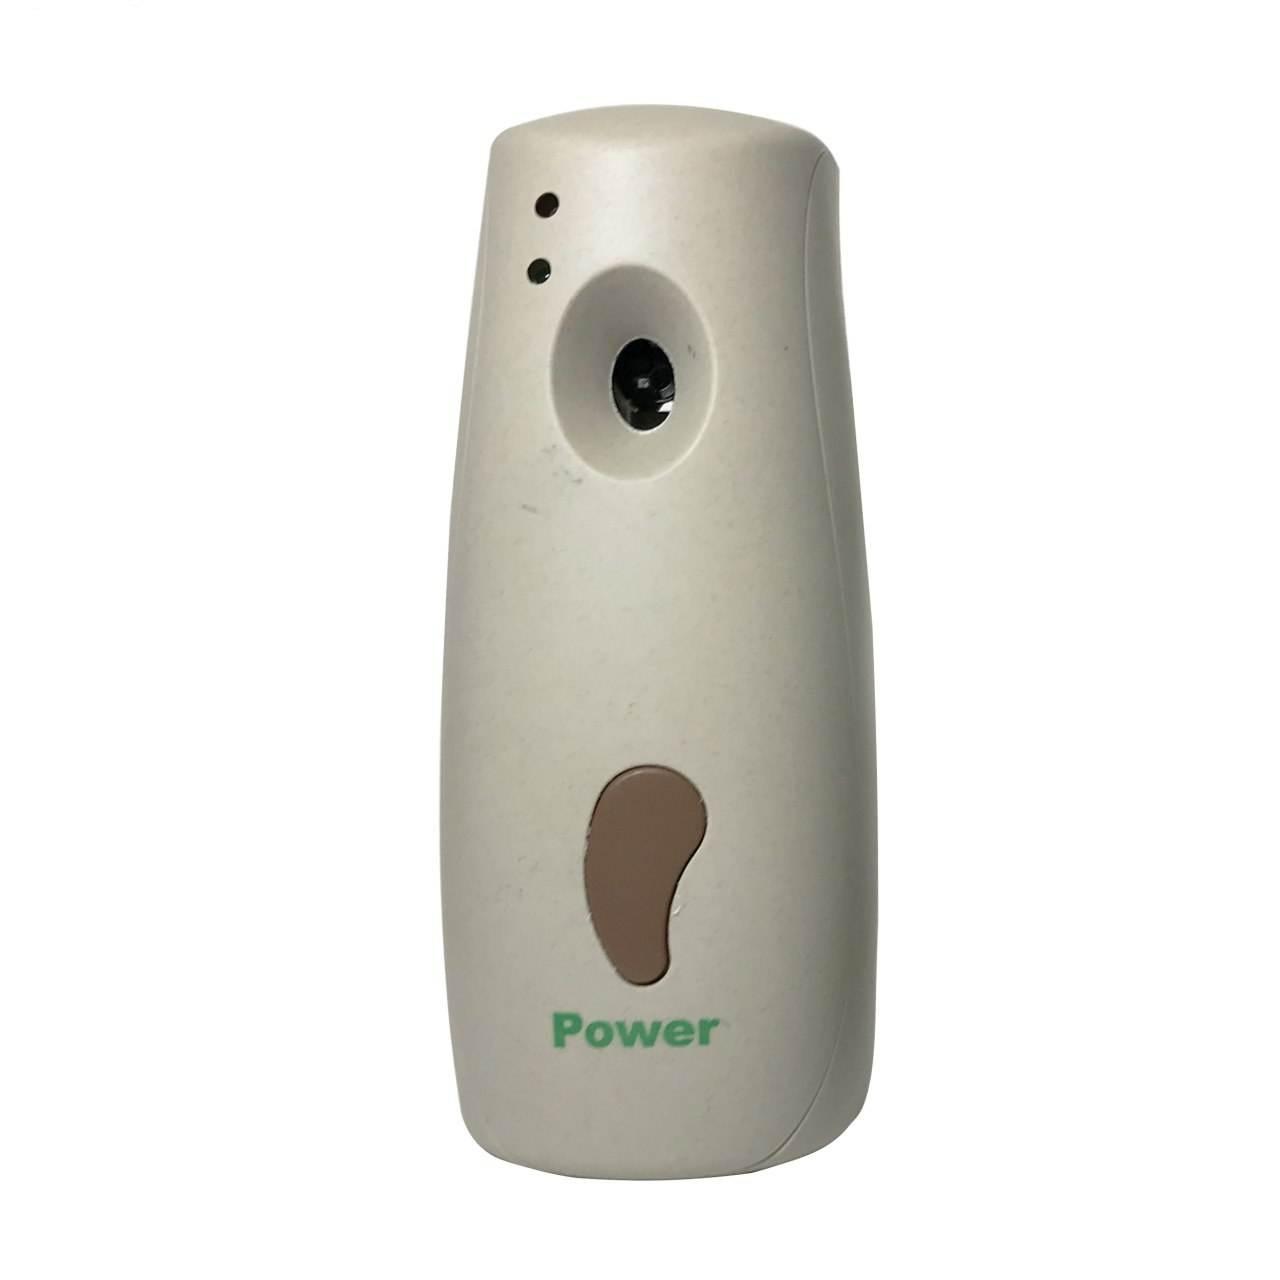 دستگاه خوشبوکننده هوا مدل پاور کد 01